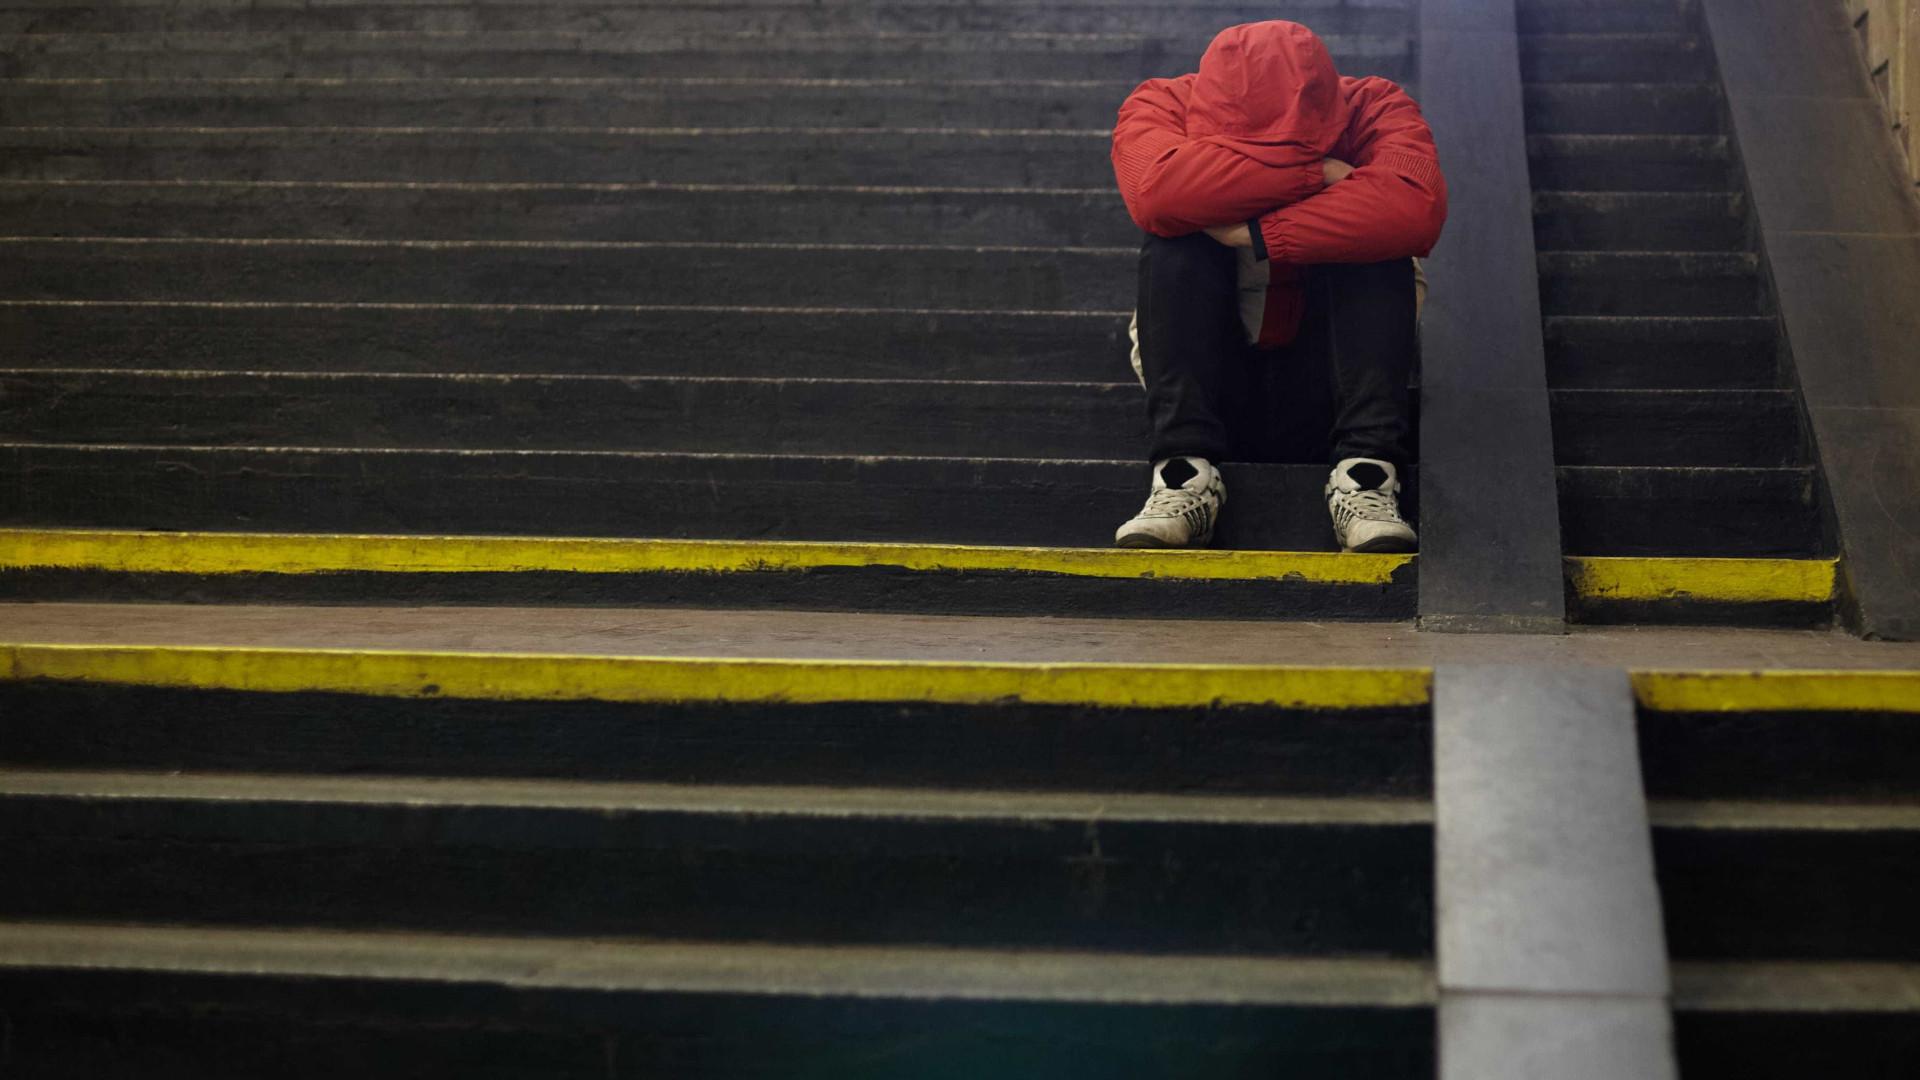 Assédio sexual afeta jovens da mesma forma. Mas há uma diferença